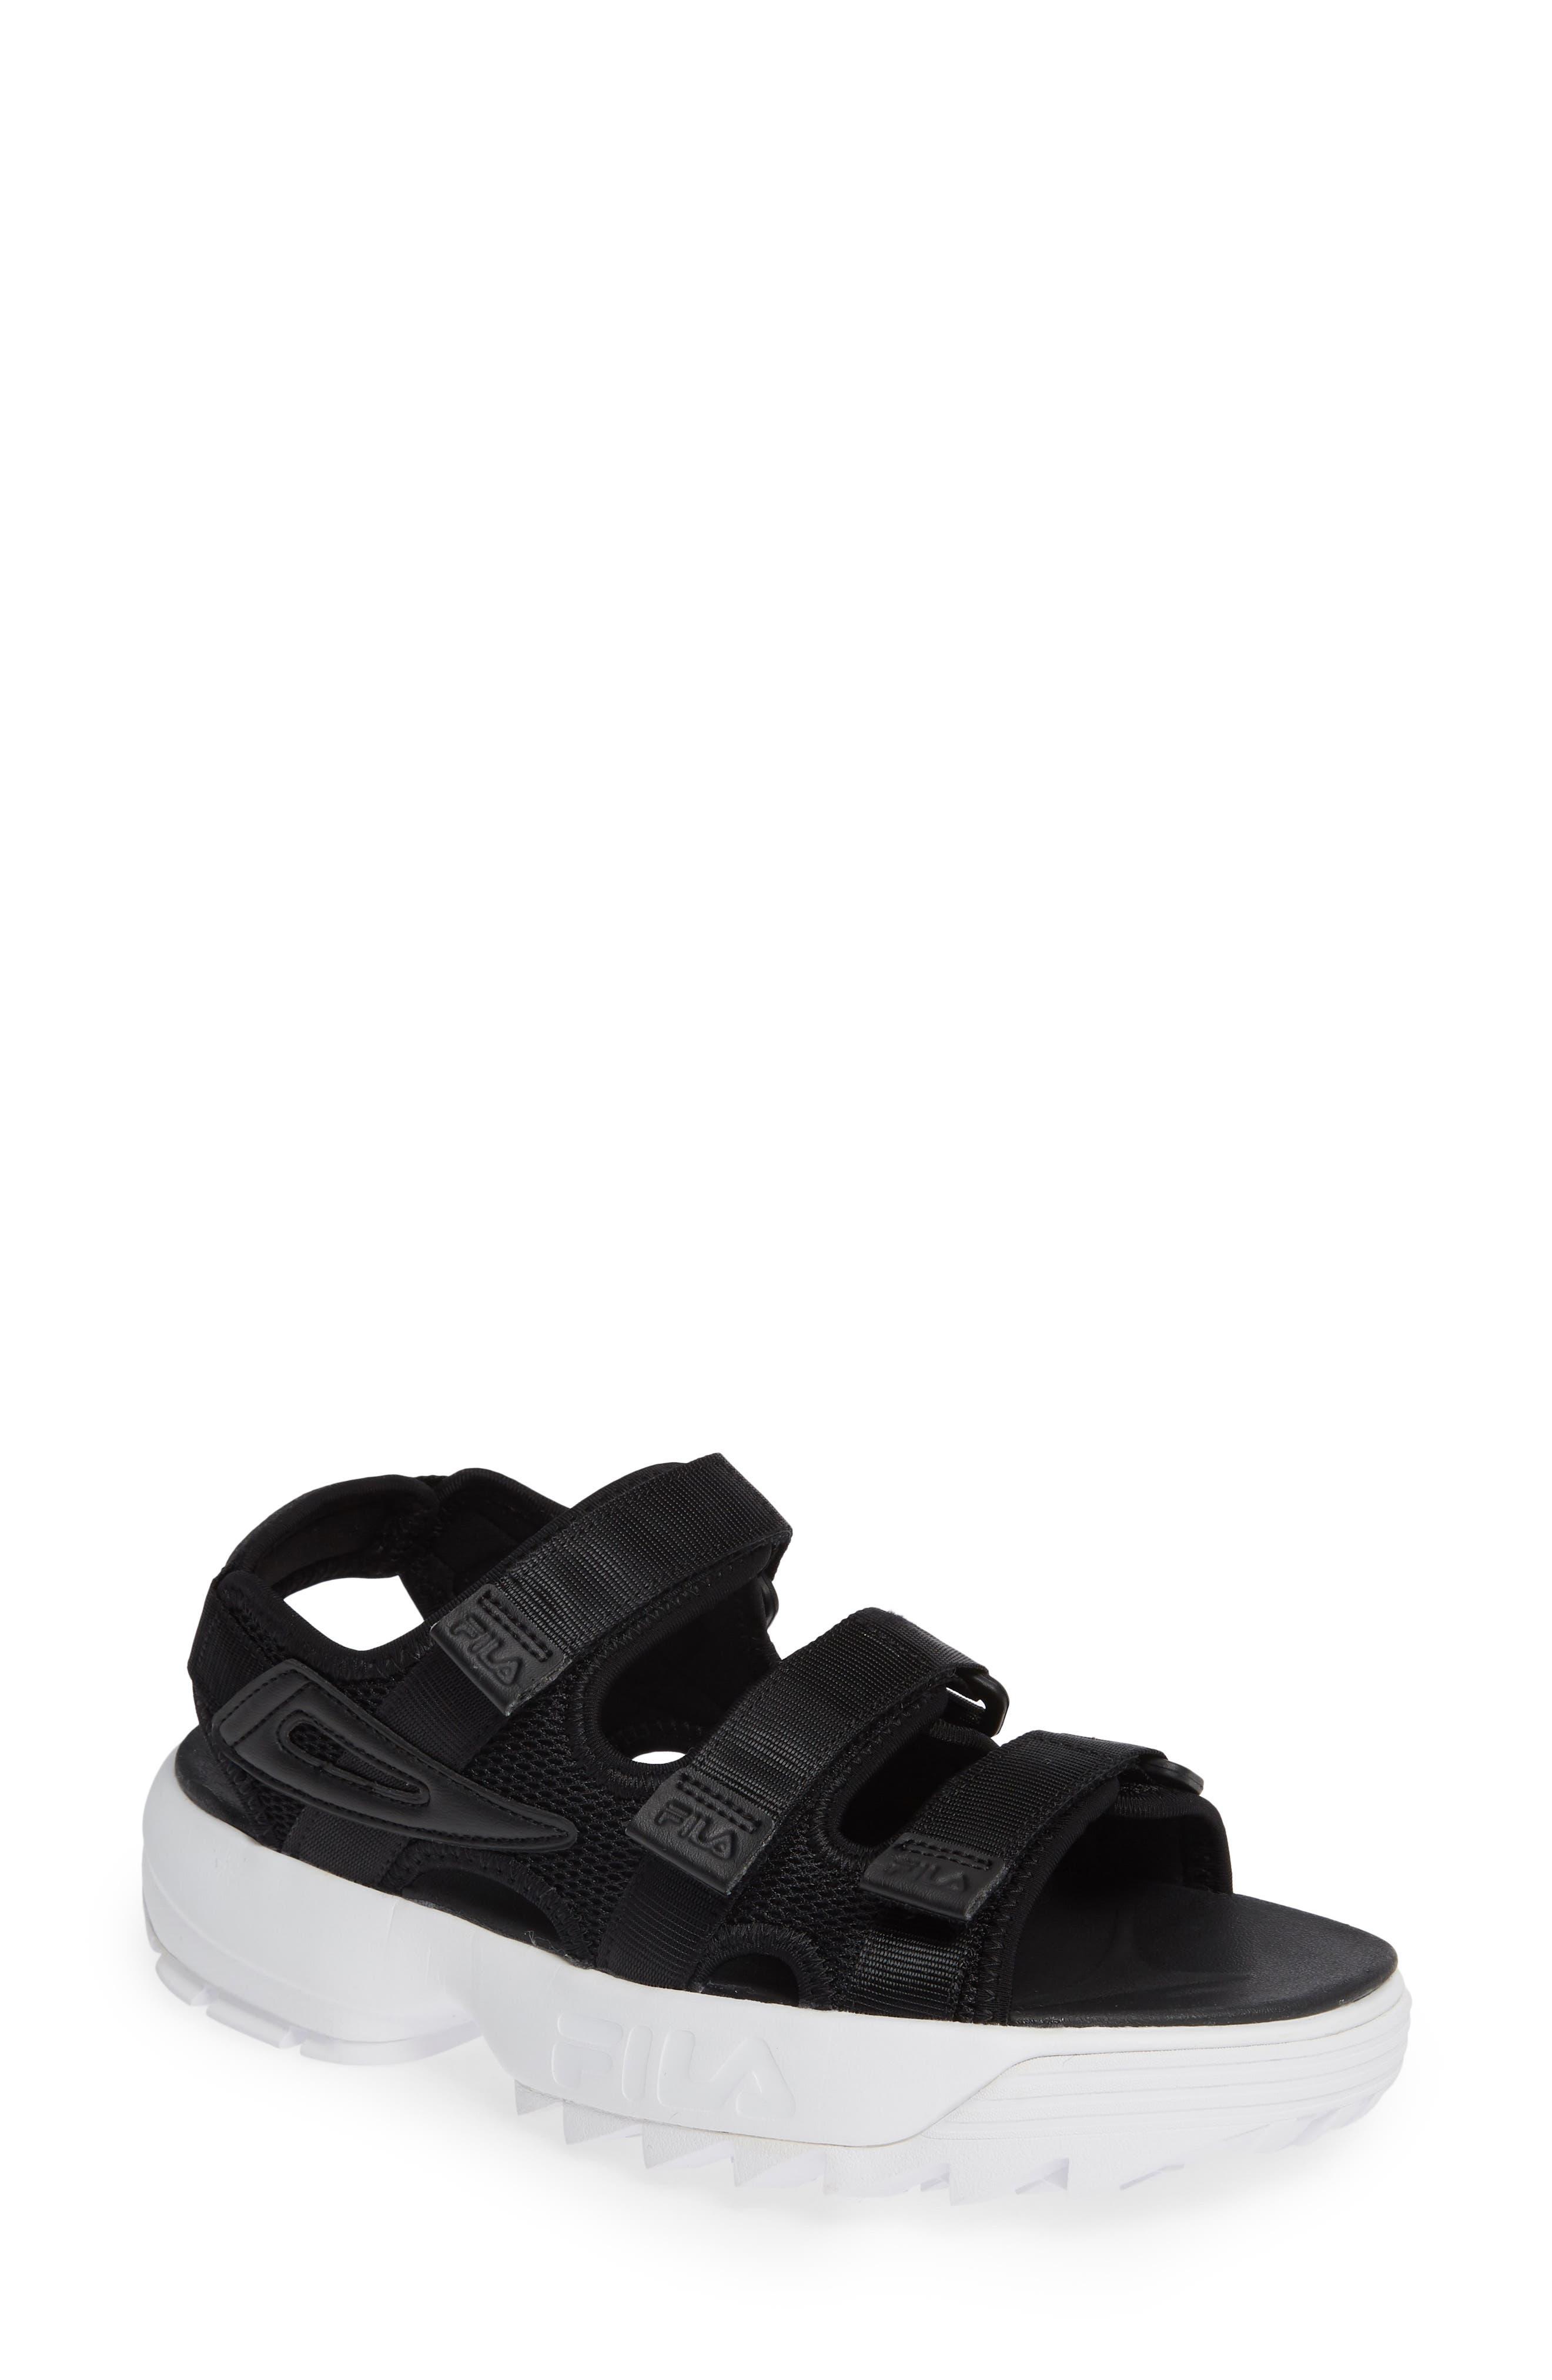 Disruptor Sandal,                             Main thumbnail 1, color,                             BLACK/ BLACK/ WHITE